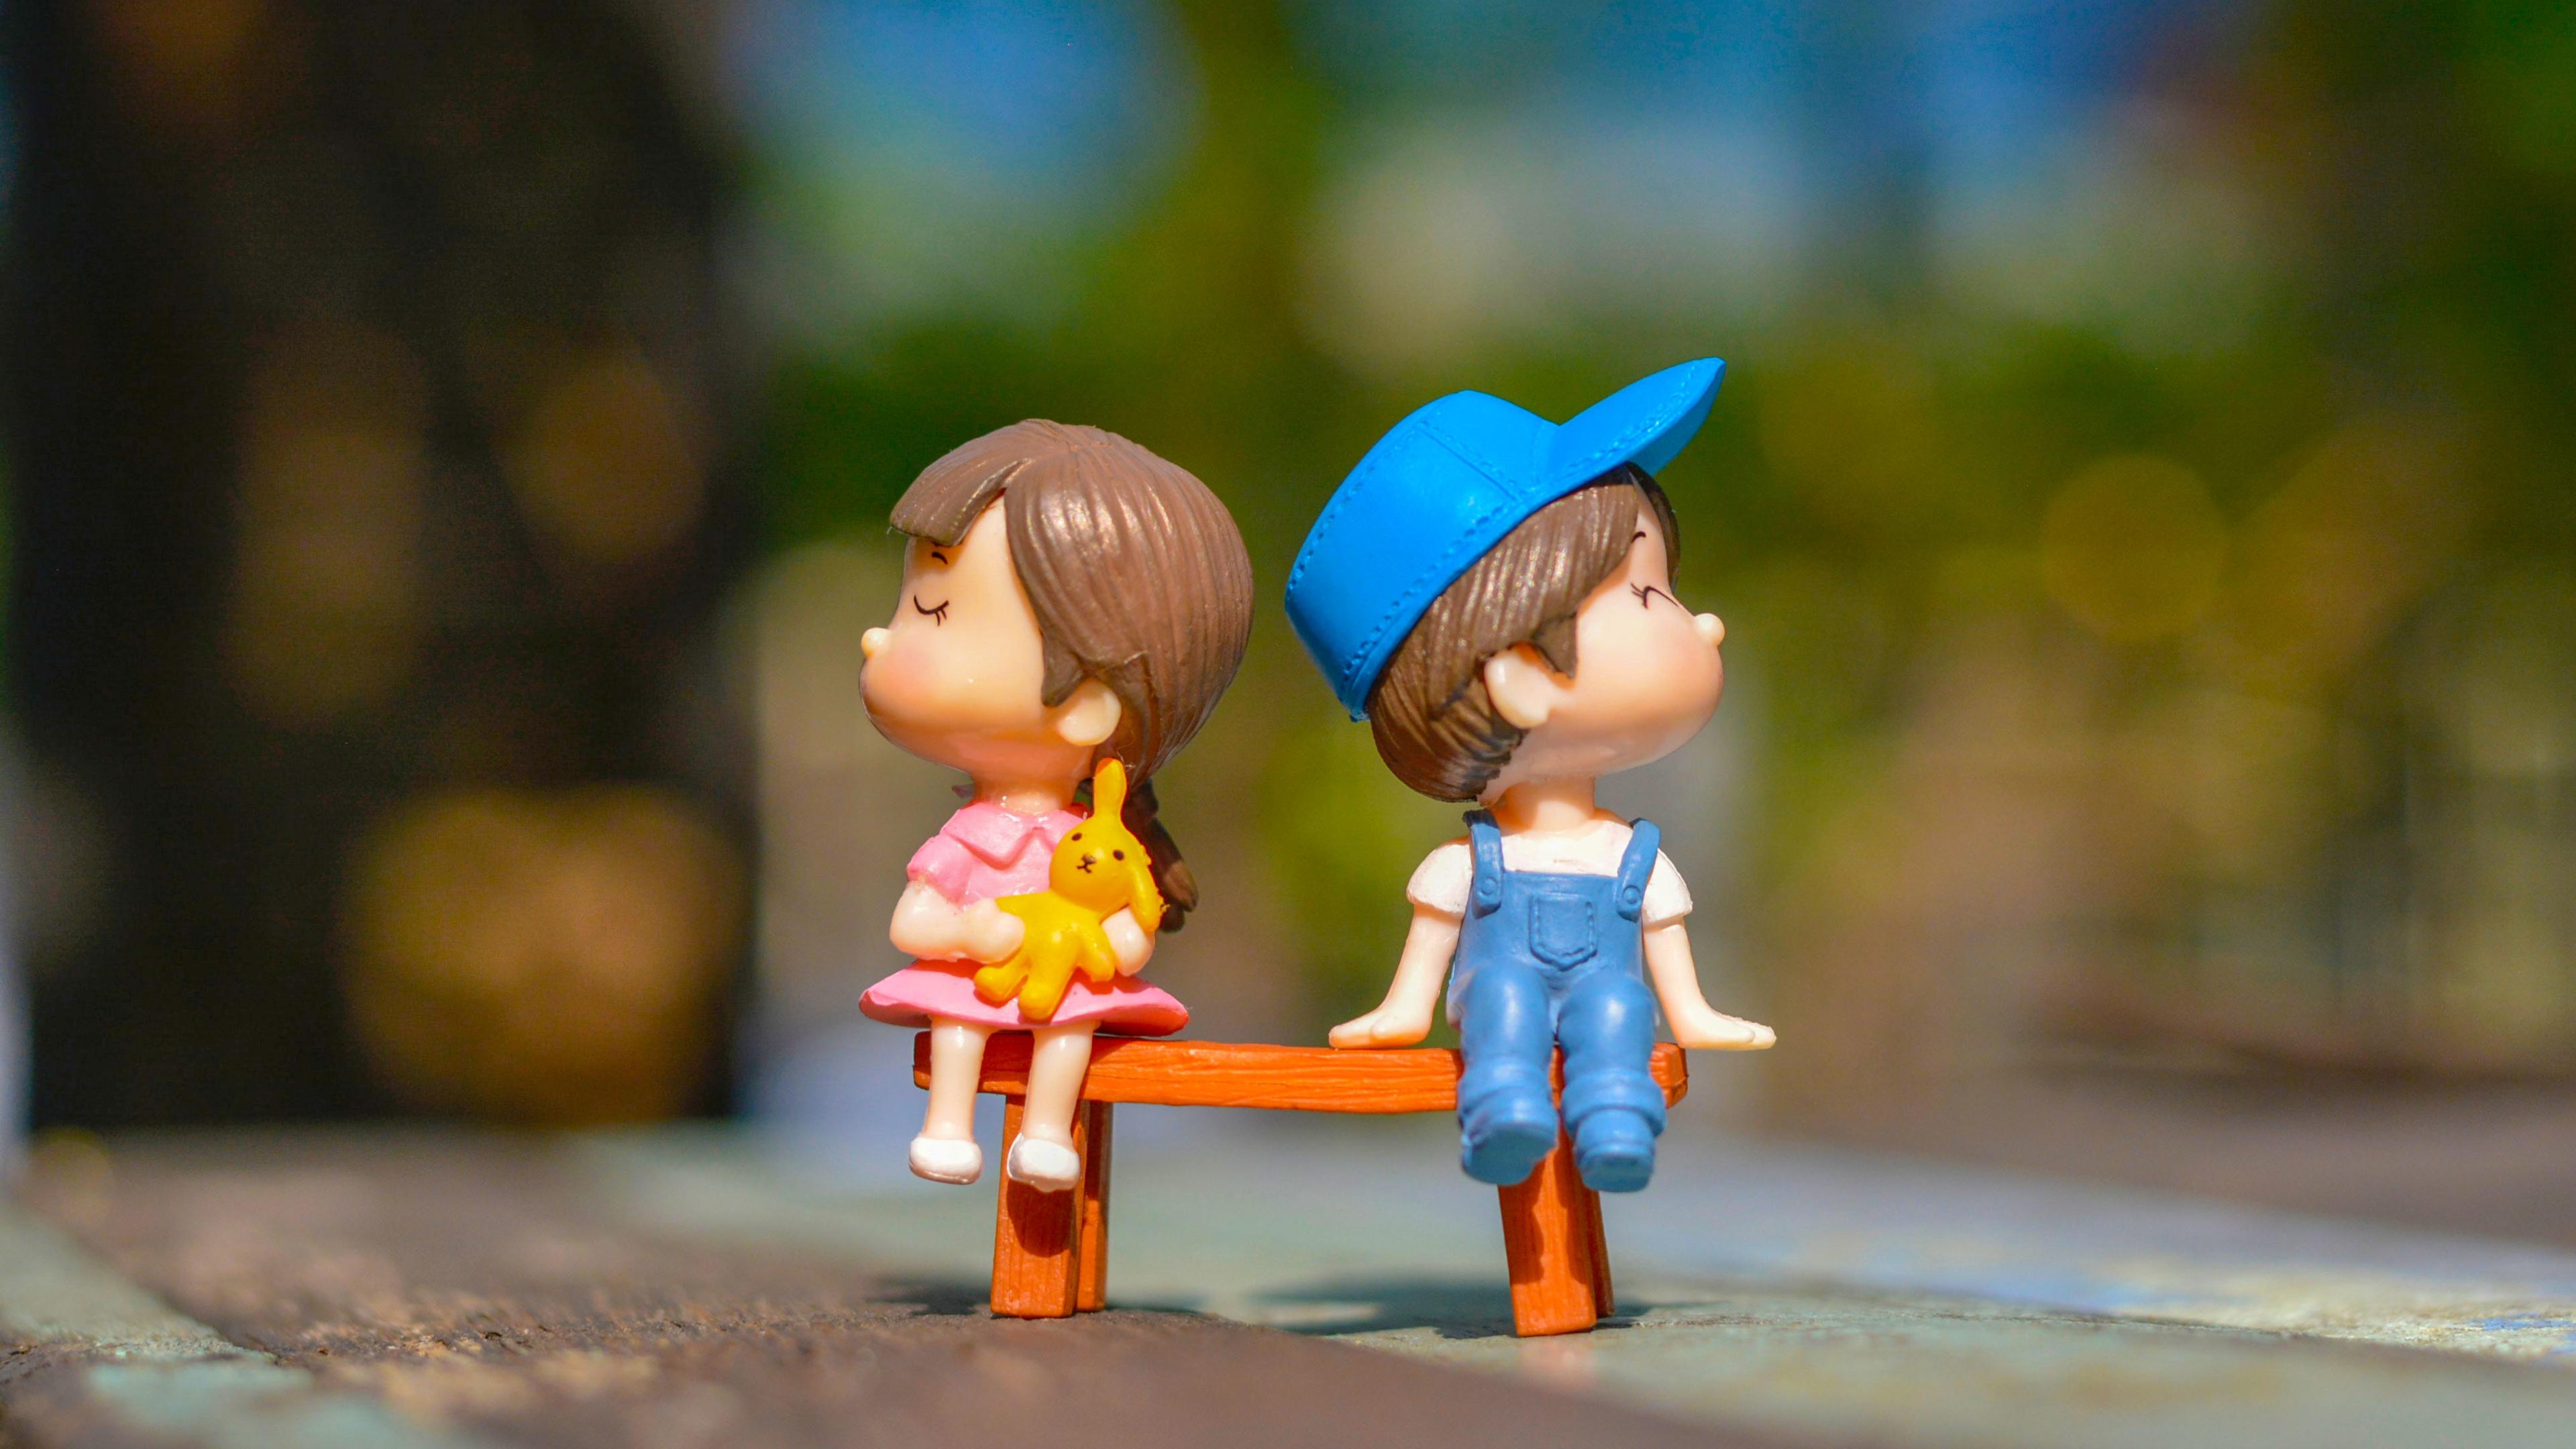 3840x2160 Cute Kid Couple Toy 4k 4k Wallpaper Hd Artist 4k